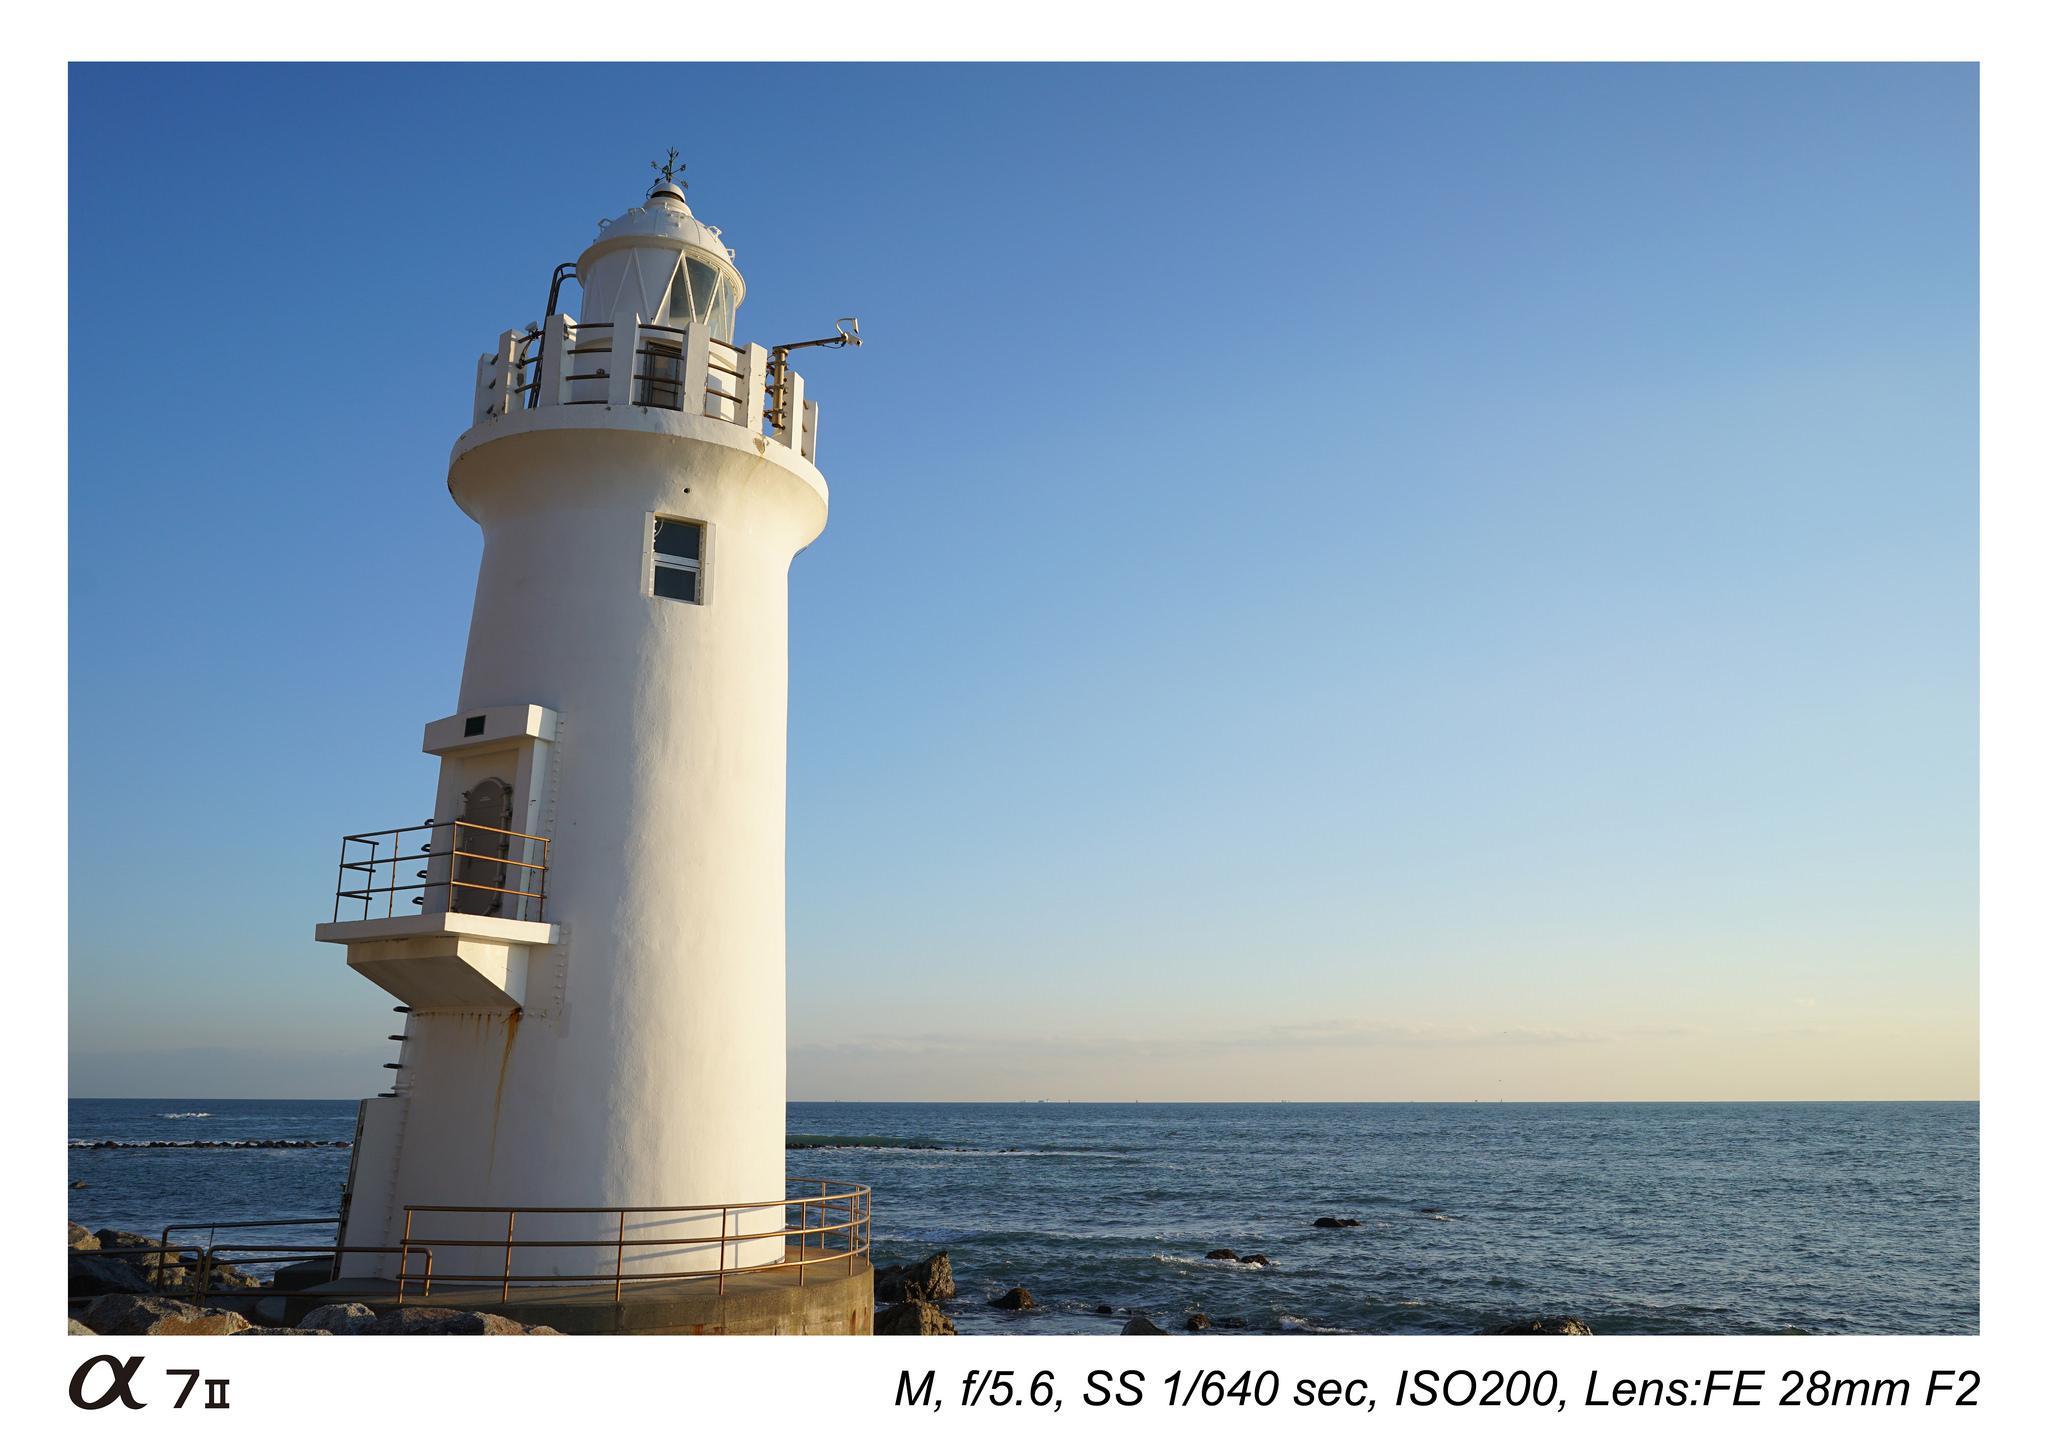 sony-fe-28mm-f2-lens-sample-images-01